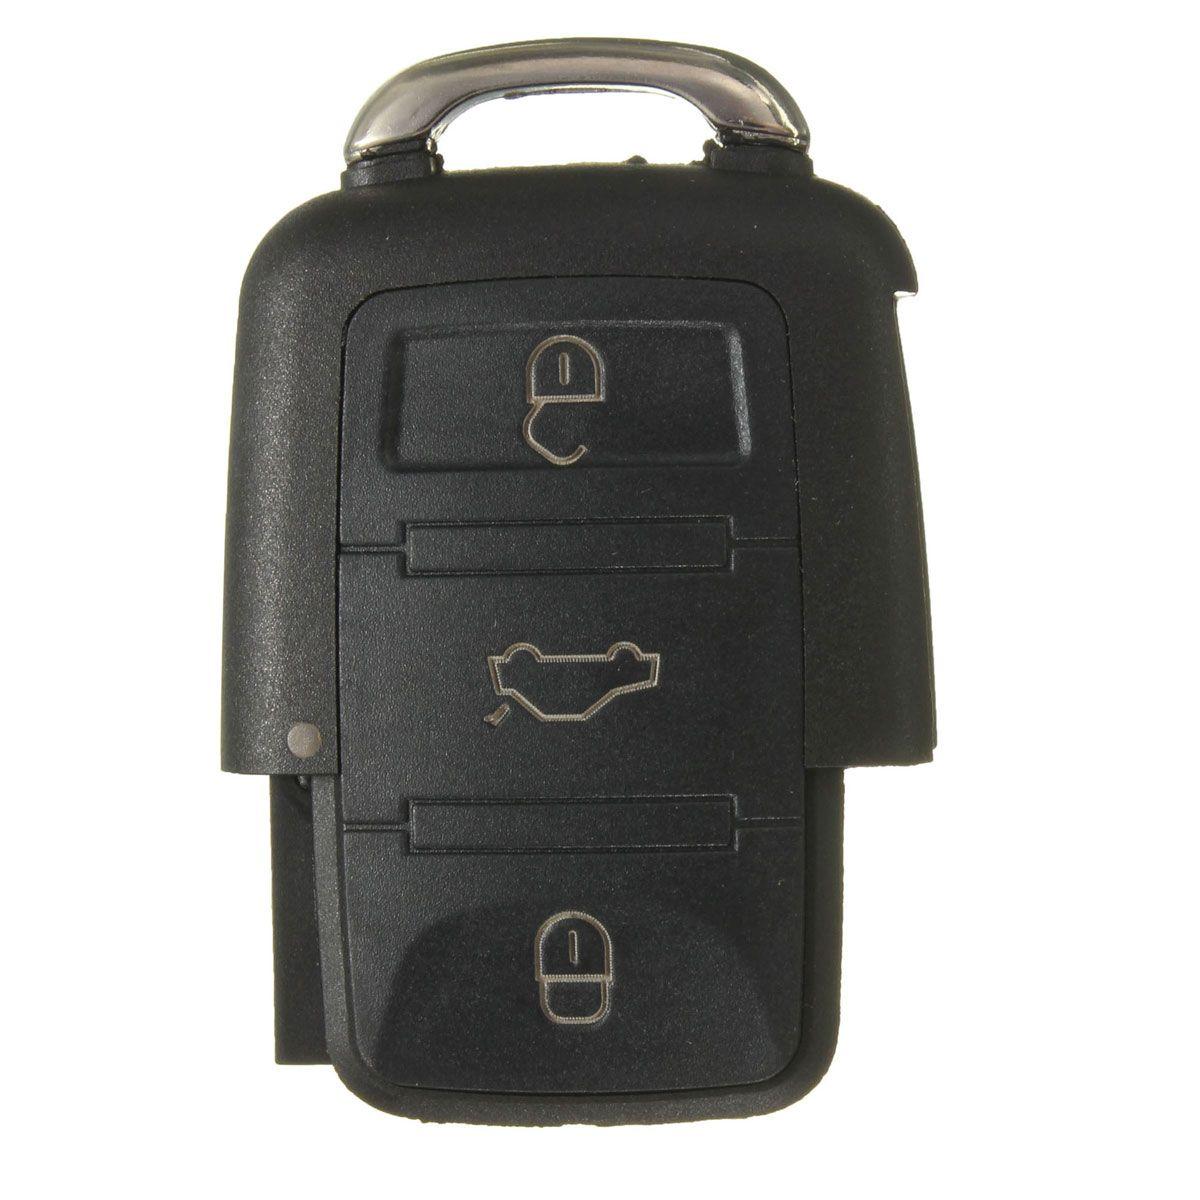 Nuevo KEY SHELL FOB CLICKER SIN CLAVE PARA VW GOLF JETTA BEETLE PASSAT B5 1J0959753DJ Pida $ 18No track